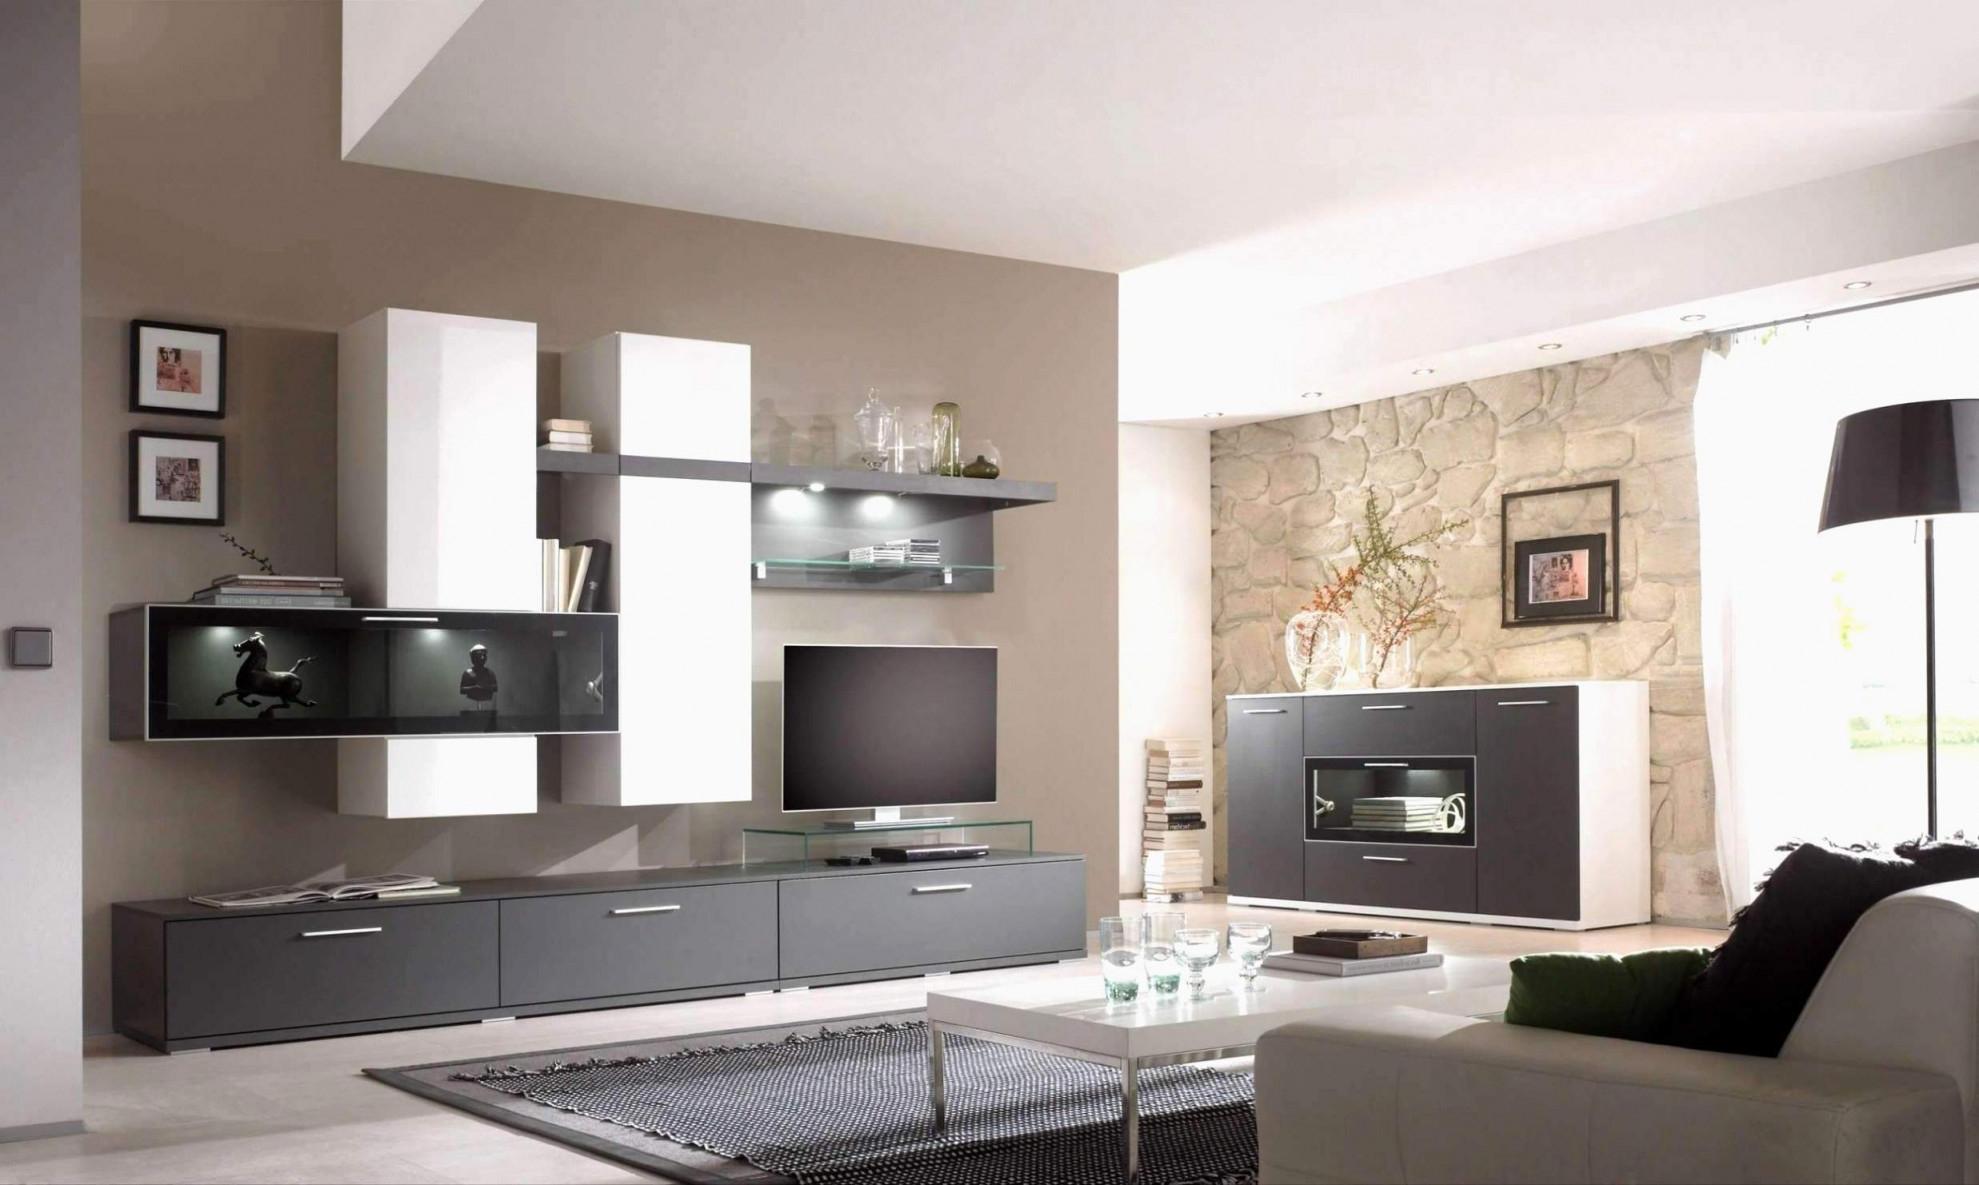 31 Neu Wohnzimmer Streichen Ideen Streifen Einzigartig von Wohnzimmer Wände Gestalten Bild